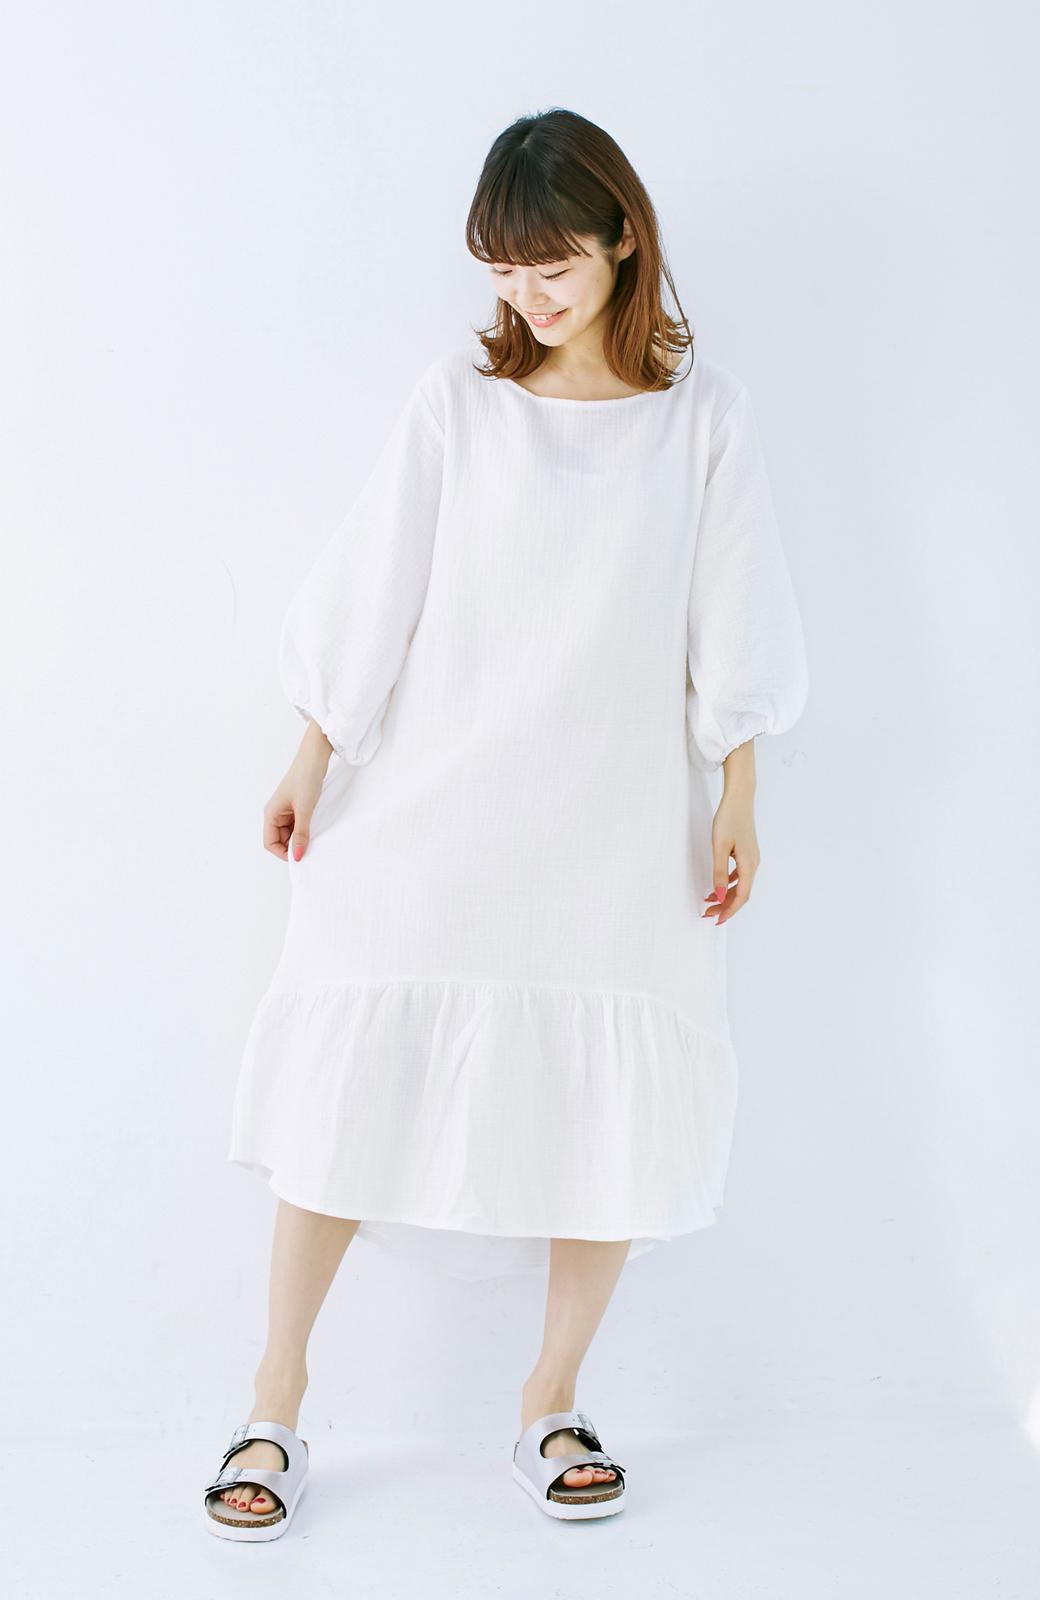 nusy すぽっと着られて着心地さわやか ぽんわり袖ガーゼワンピース <ホワイト>の商品写真5